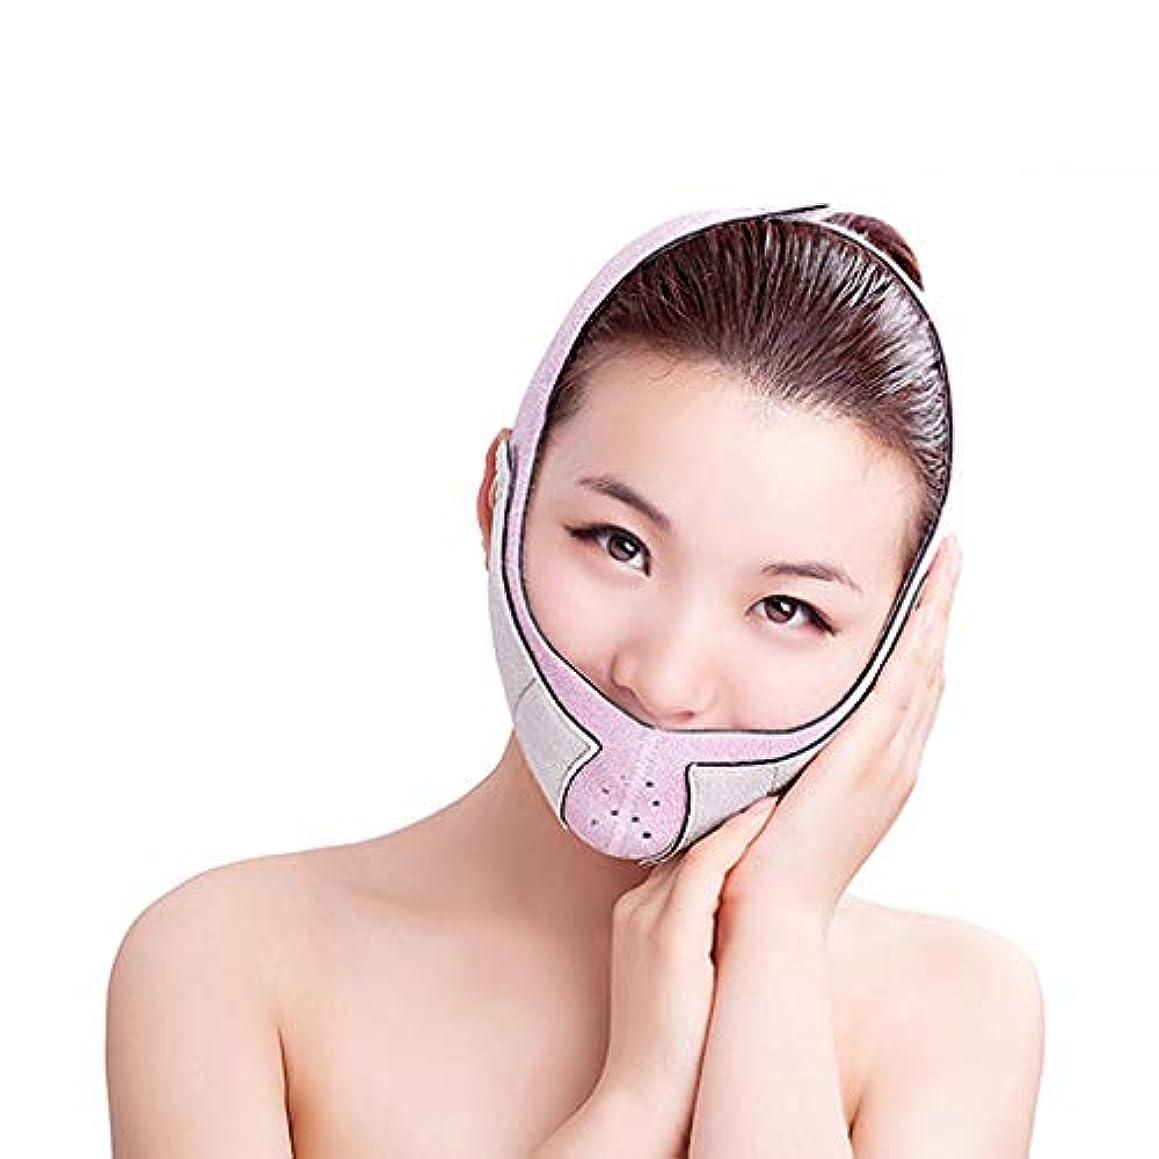 悲劇的な維持する魔術師減量マスク頬の皮膚会社顎顔リフトマスクマイクロリカバリー固定包帯